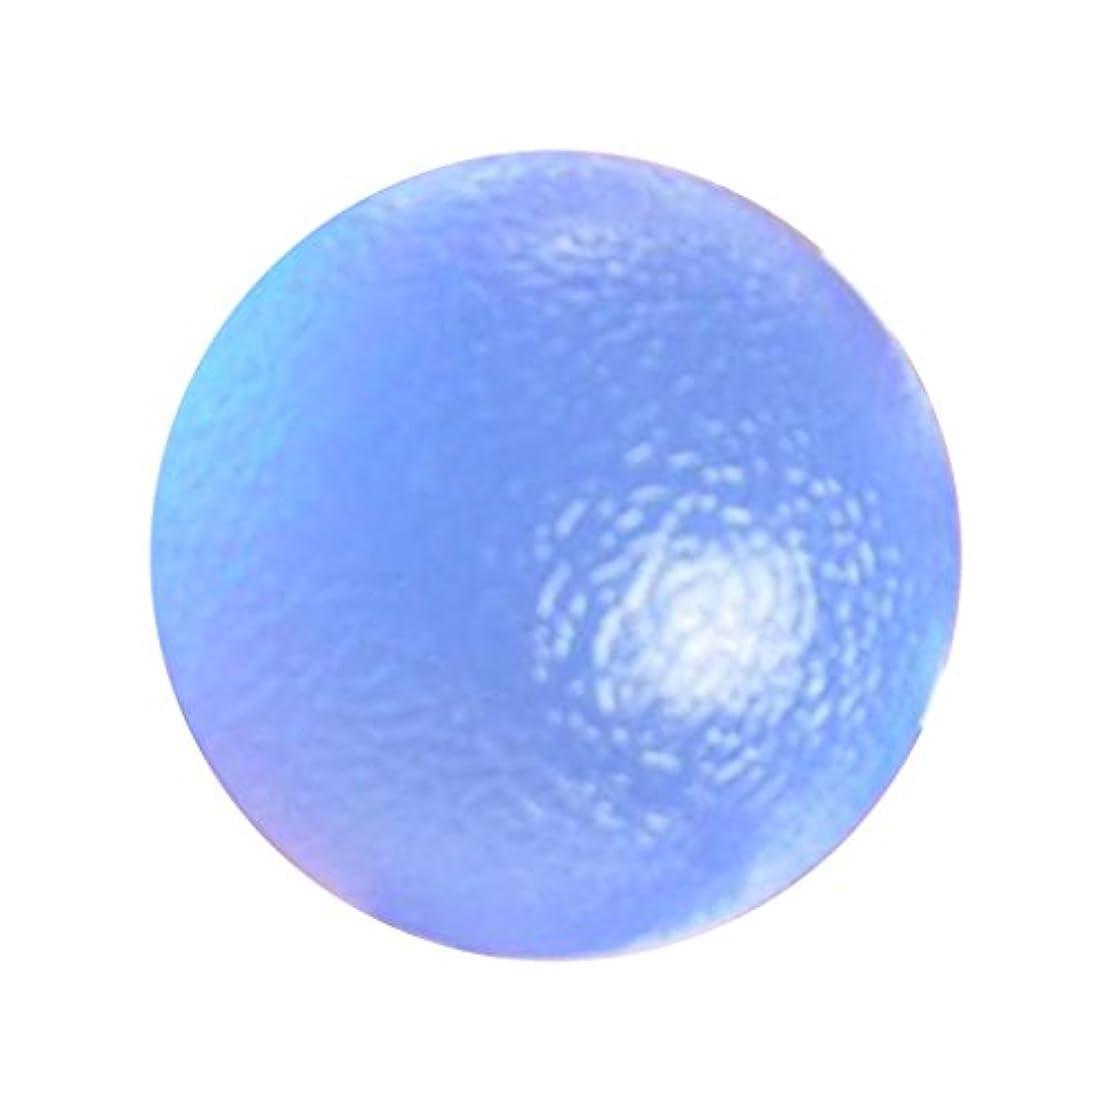 届けるハンサム番号グリップボール マッサージ ボール エクササイザ ポケットサイズ TPR 運動 便利 3タイプ選べ - ブルーハード, 説明したように